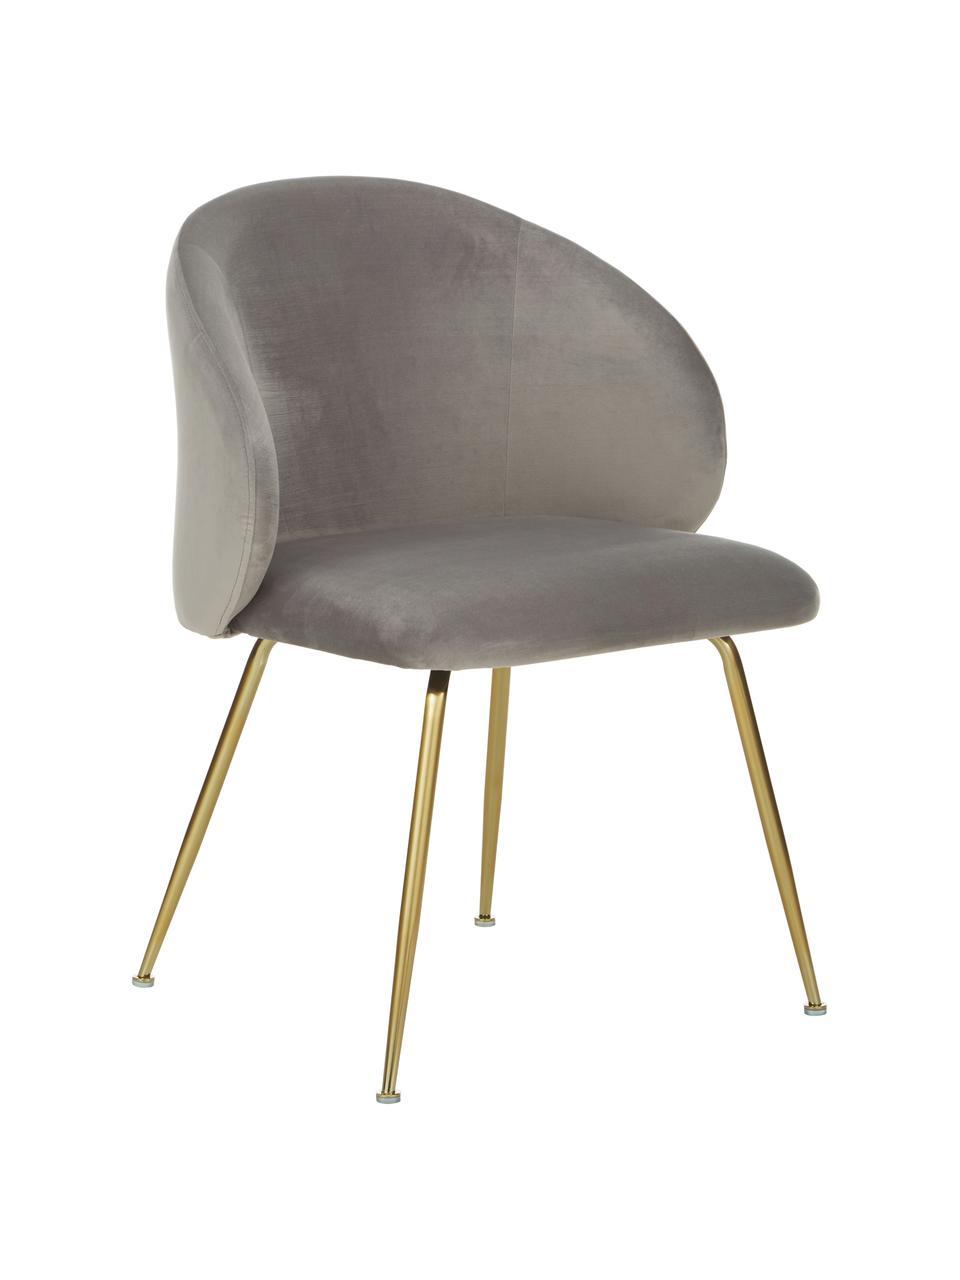 Krzesło tapicerowane z aksamitu Luisa, 2 szt., Tapicerka: aksamit (100% poliester) , Nogi: metal malowany proszkowo, Aksamitny jasny szary, złoty, S 59 x G 58 cm